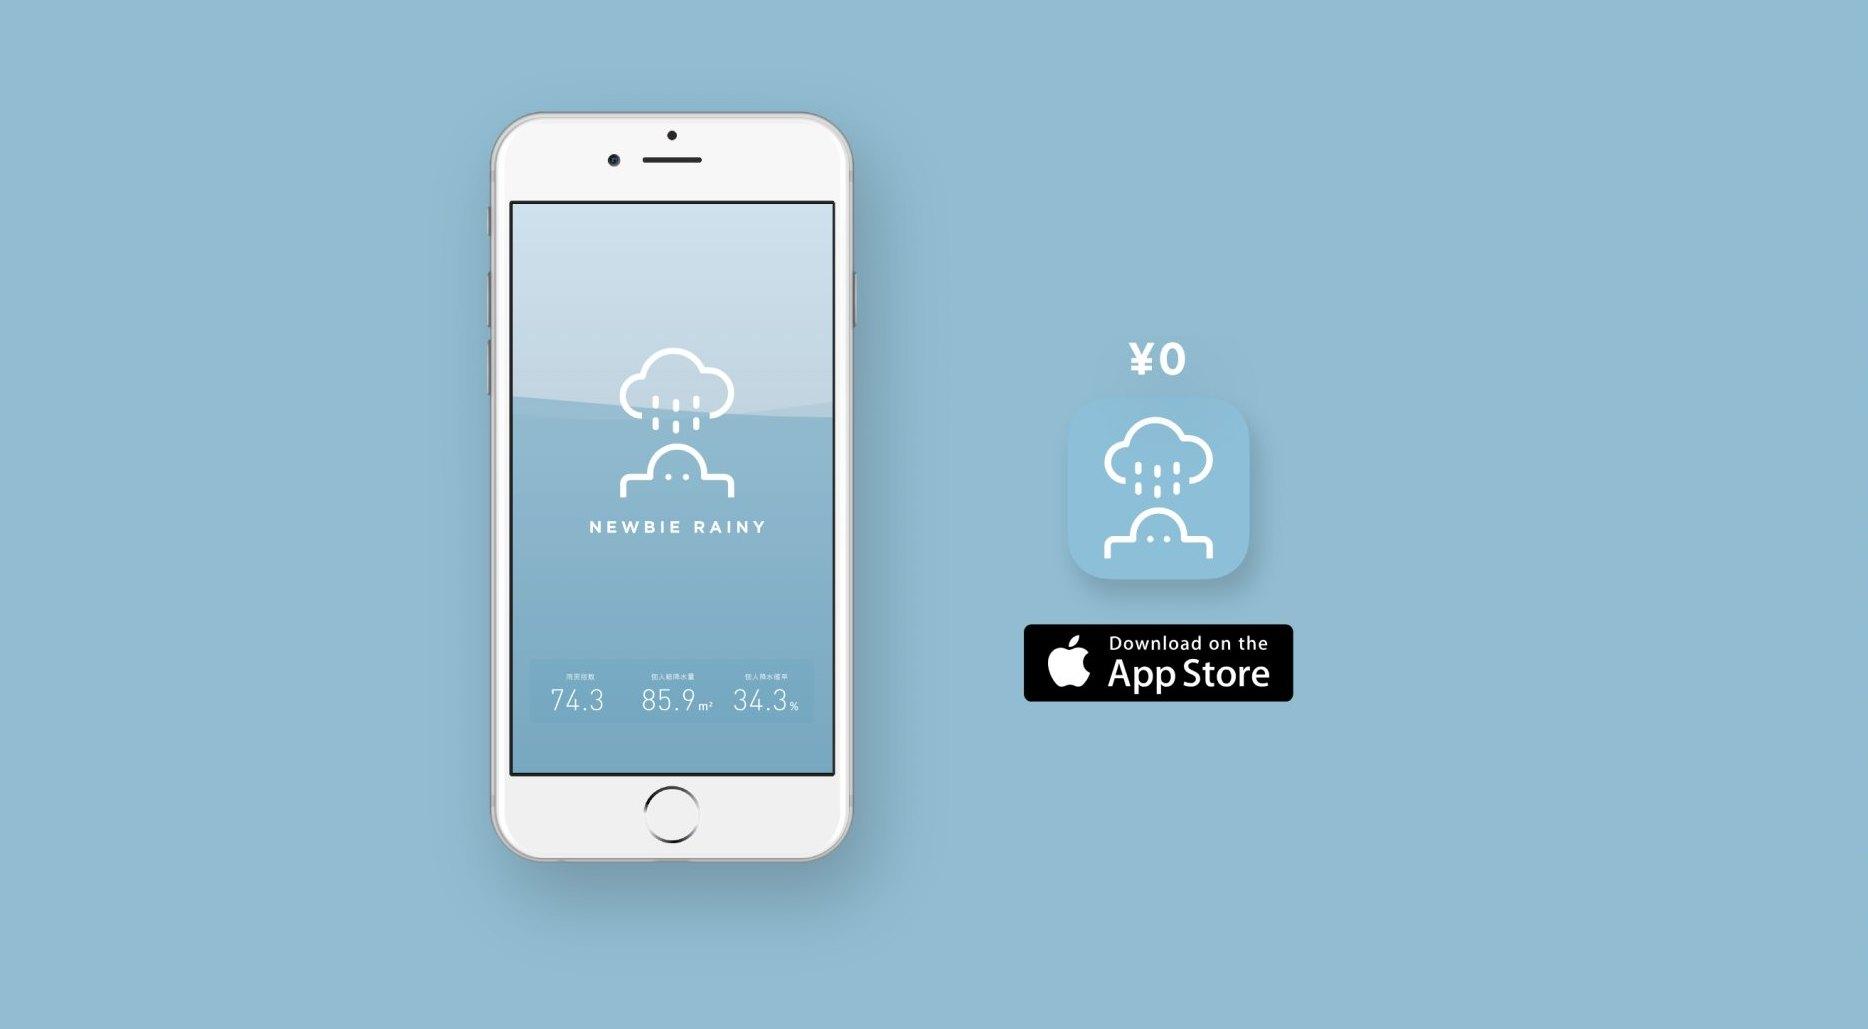 高 解像度 キャスト 気象庁 アプリ ナウ 降水